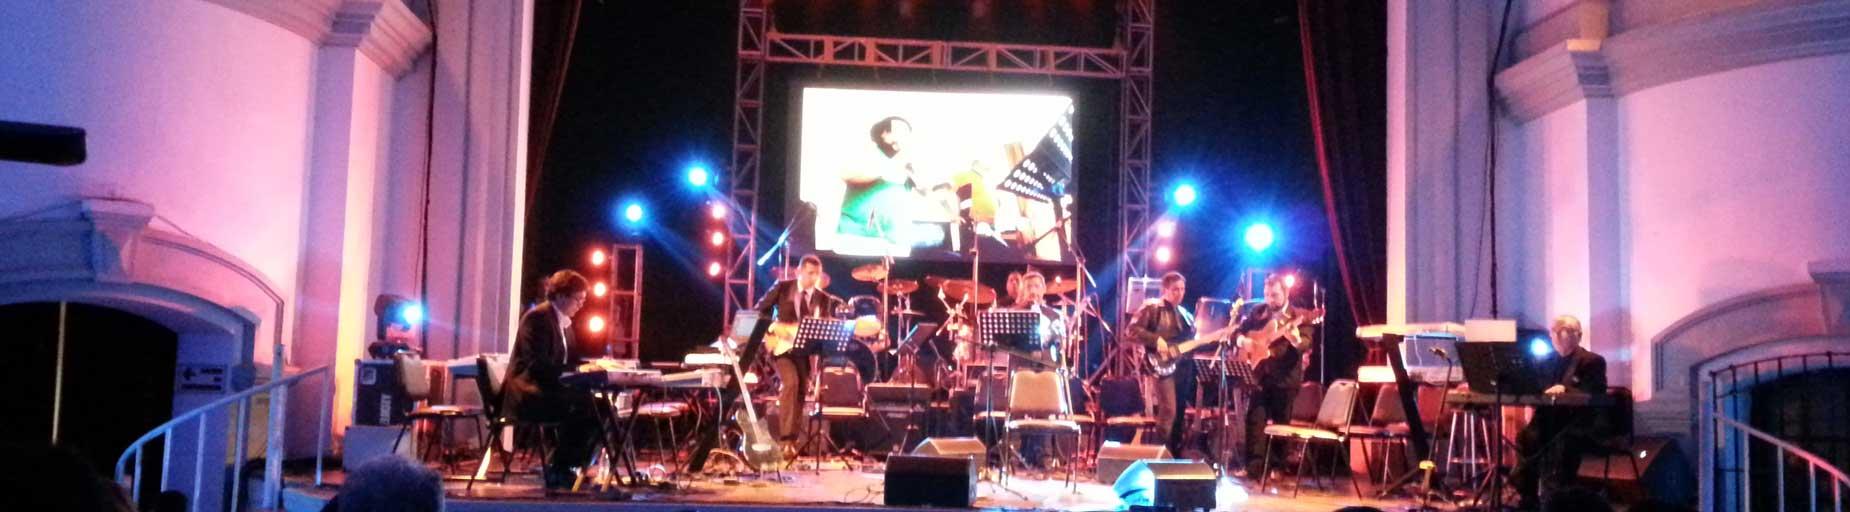 Conmemoración-Alan-Galvez-sonido-y-luces-en-teatro-municipal-de-la-Serena-4